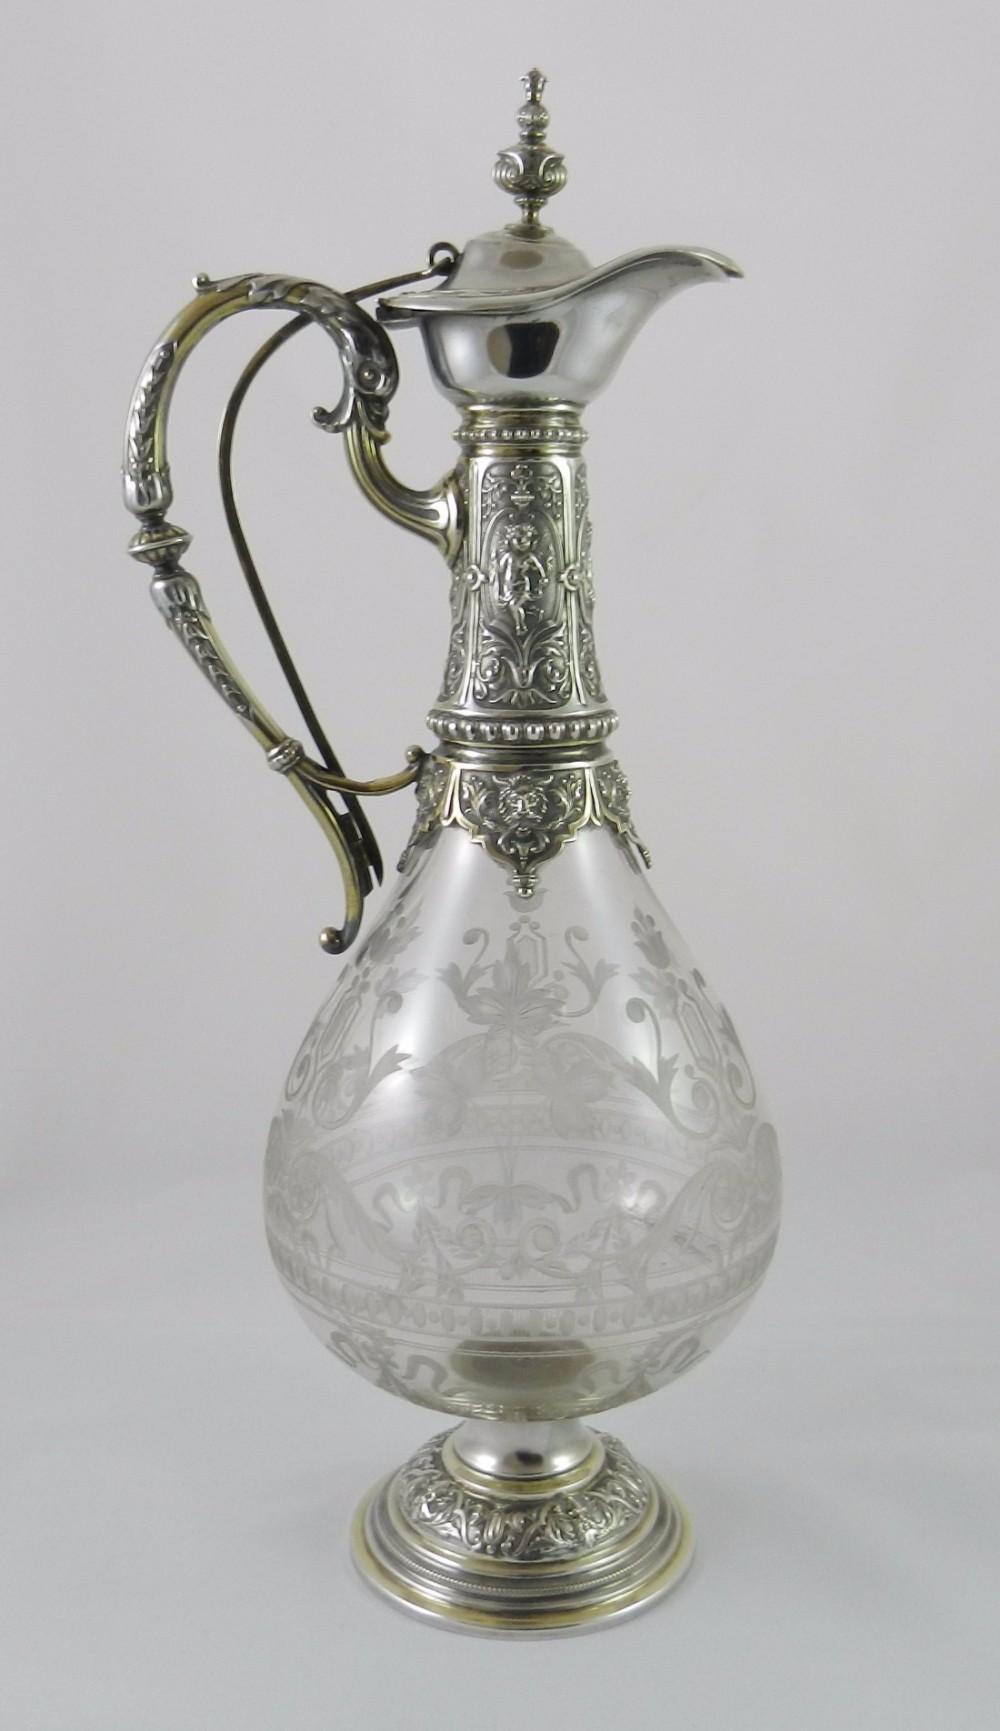 antique silvermounted wine ewer